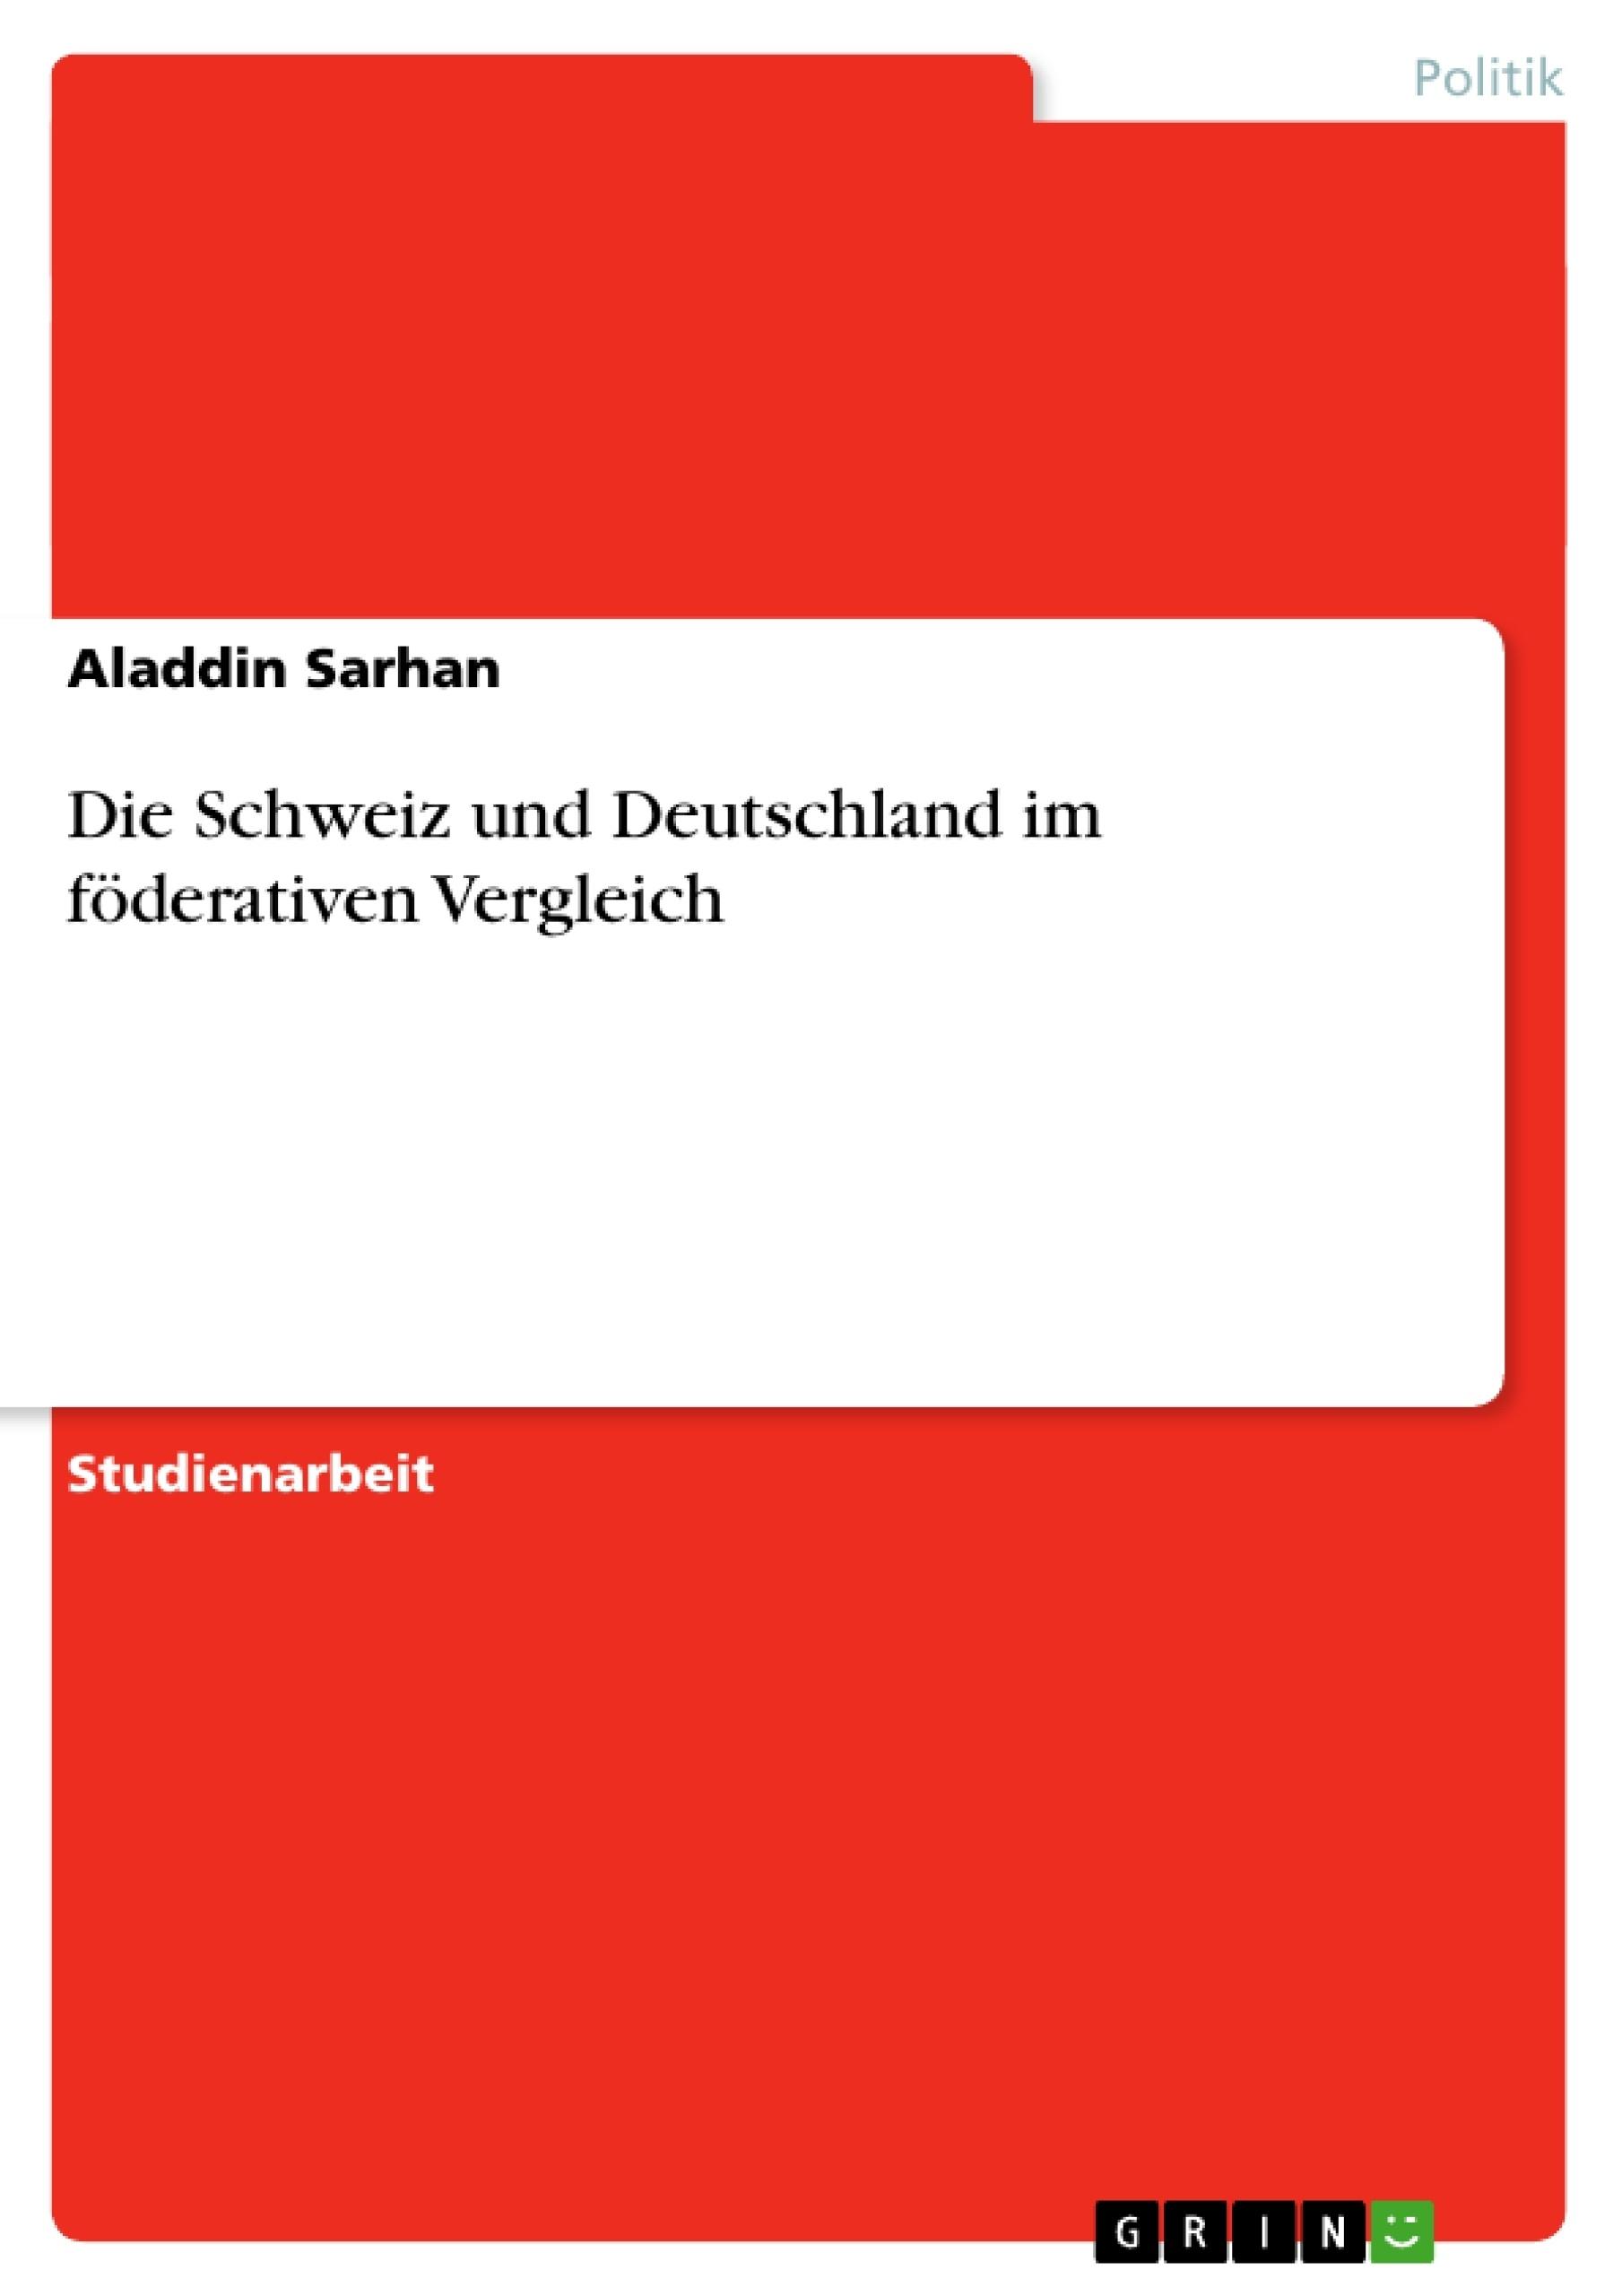 Titel: Die Schweiz und Deutschland im föderativen Vergleich